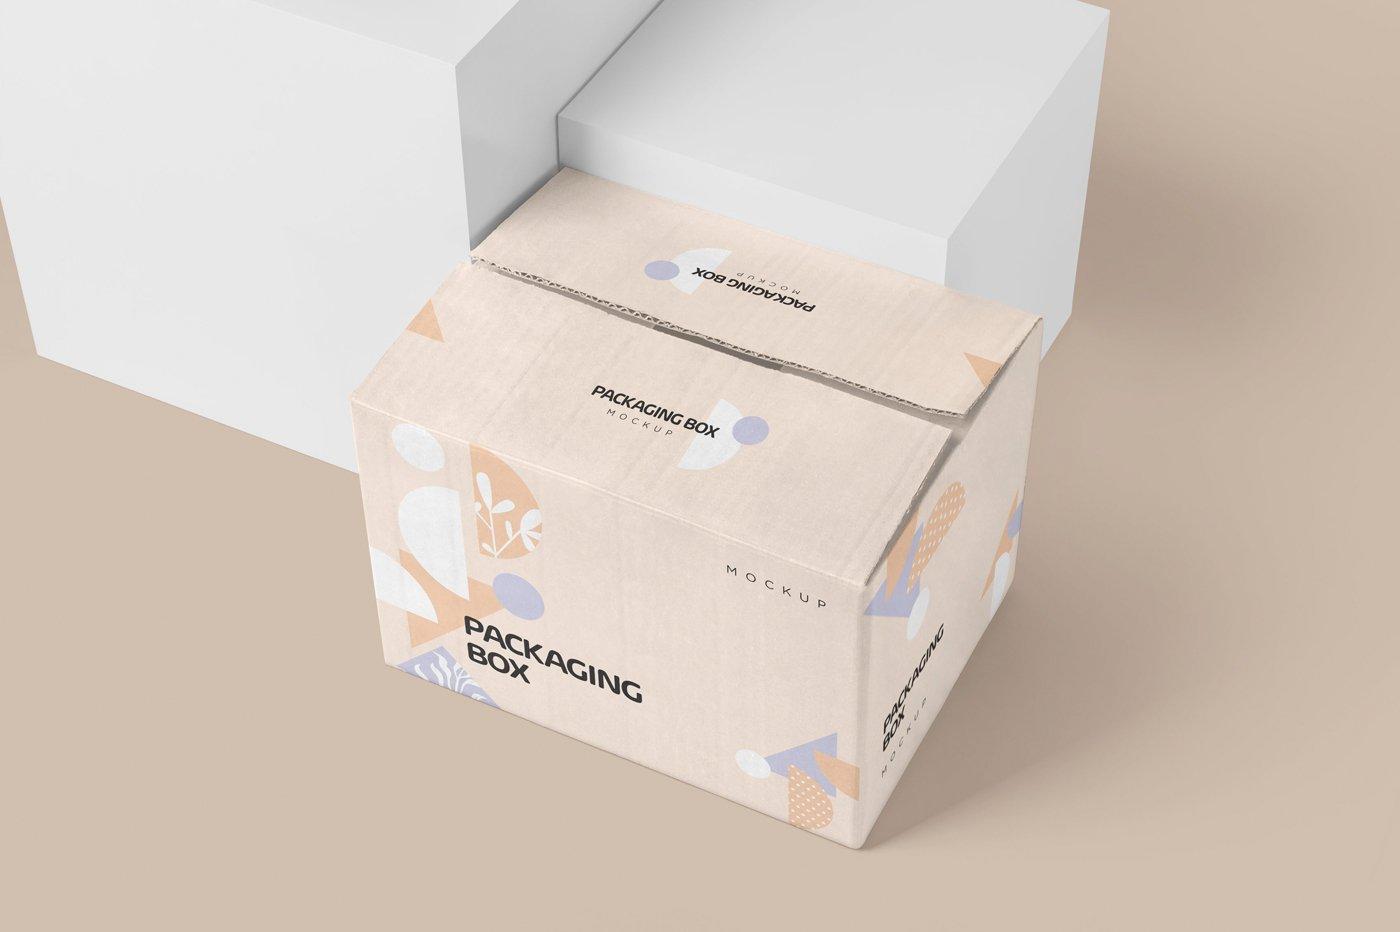 矩形瓦楞硬纸板快递包装箱设计展示样机 Rectangular Cardboard Box Mockups插图